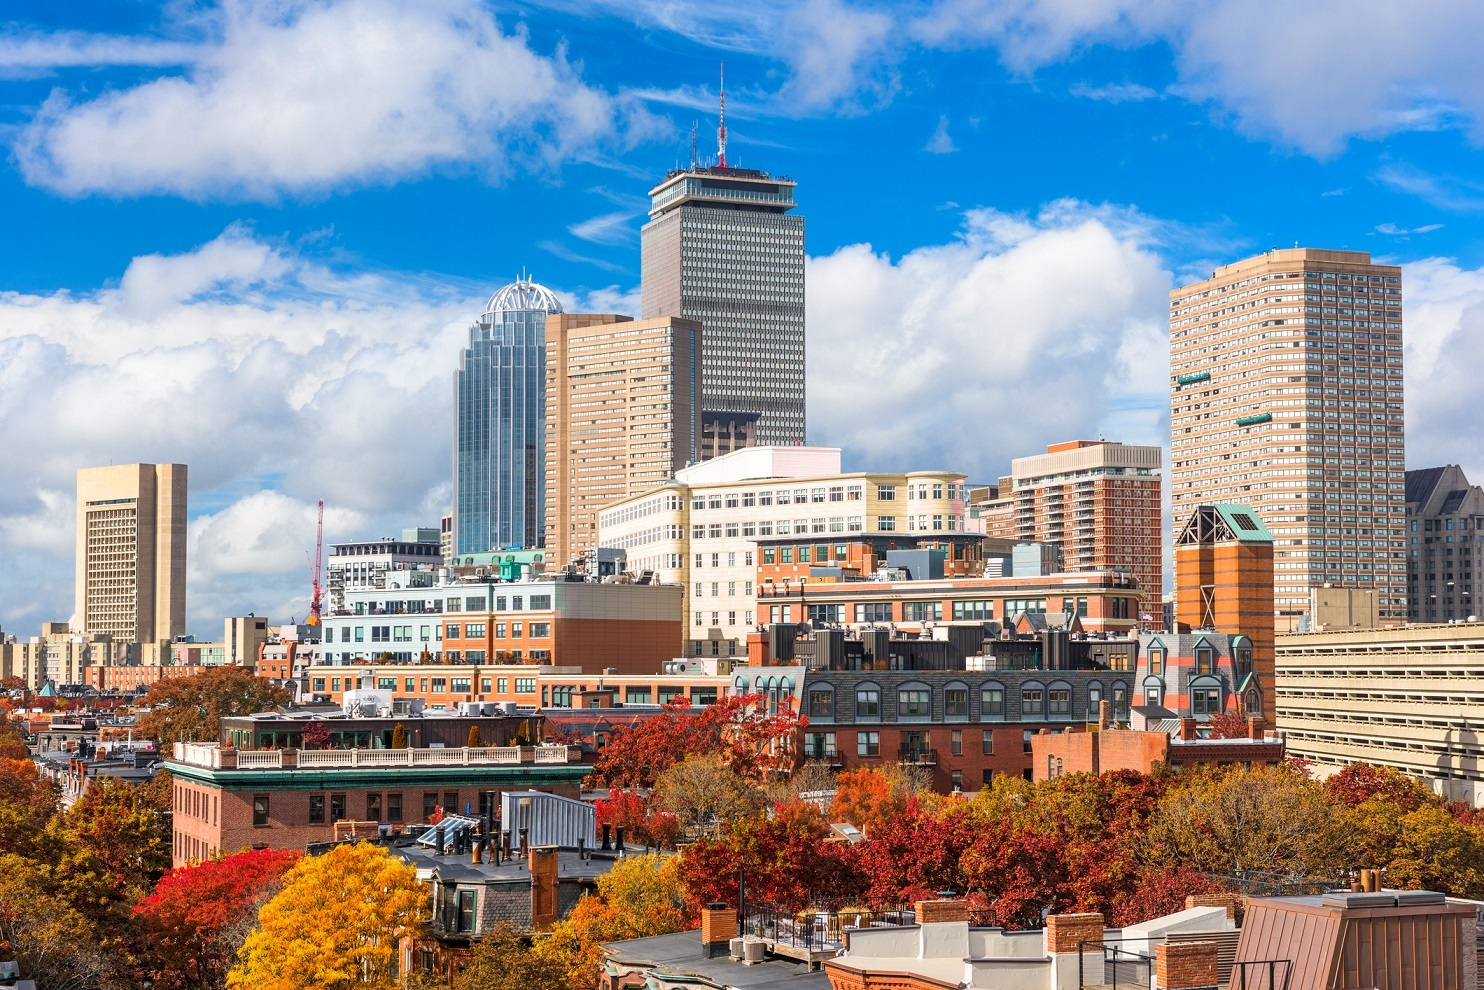 Boston in the fall